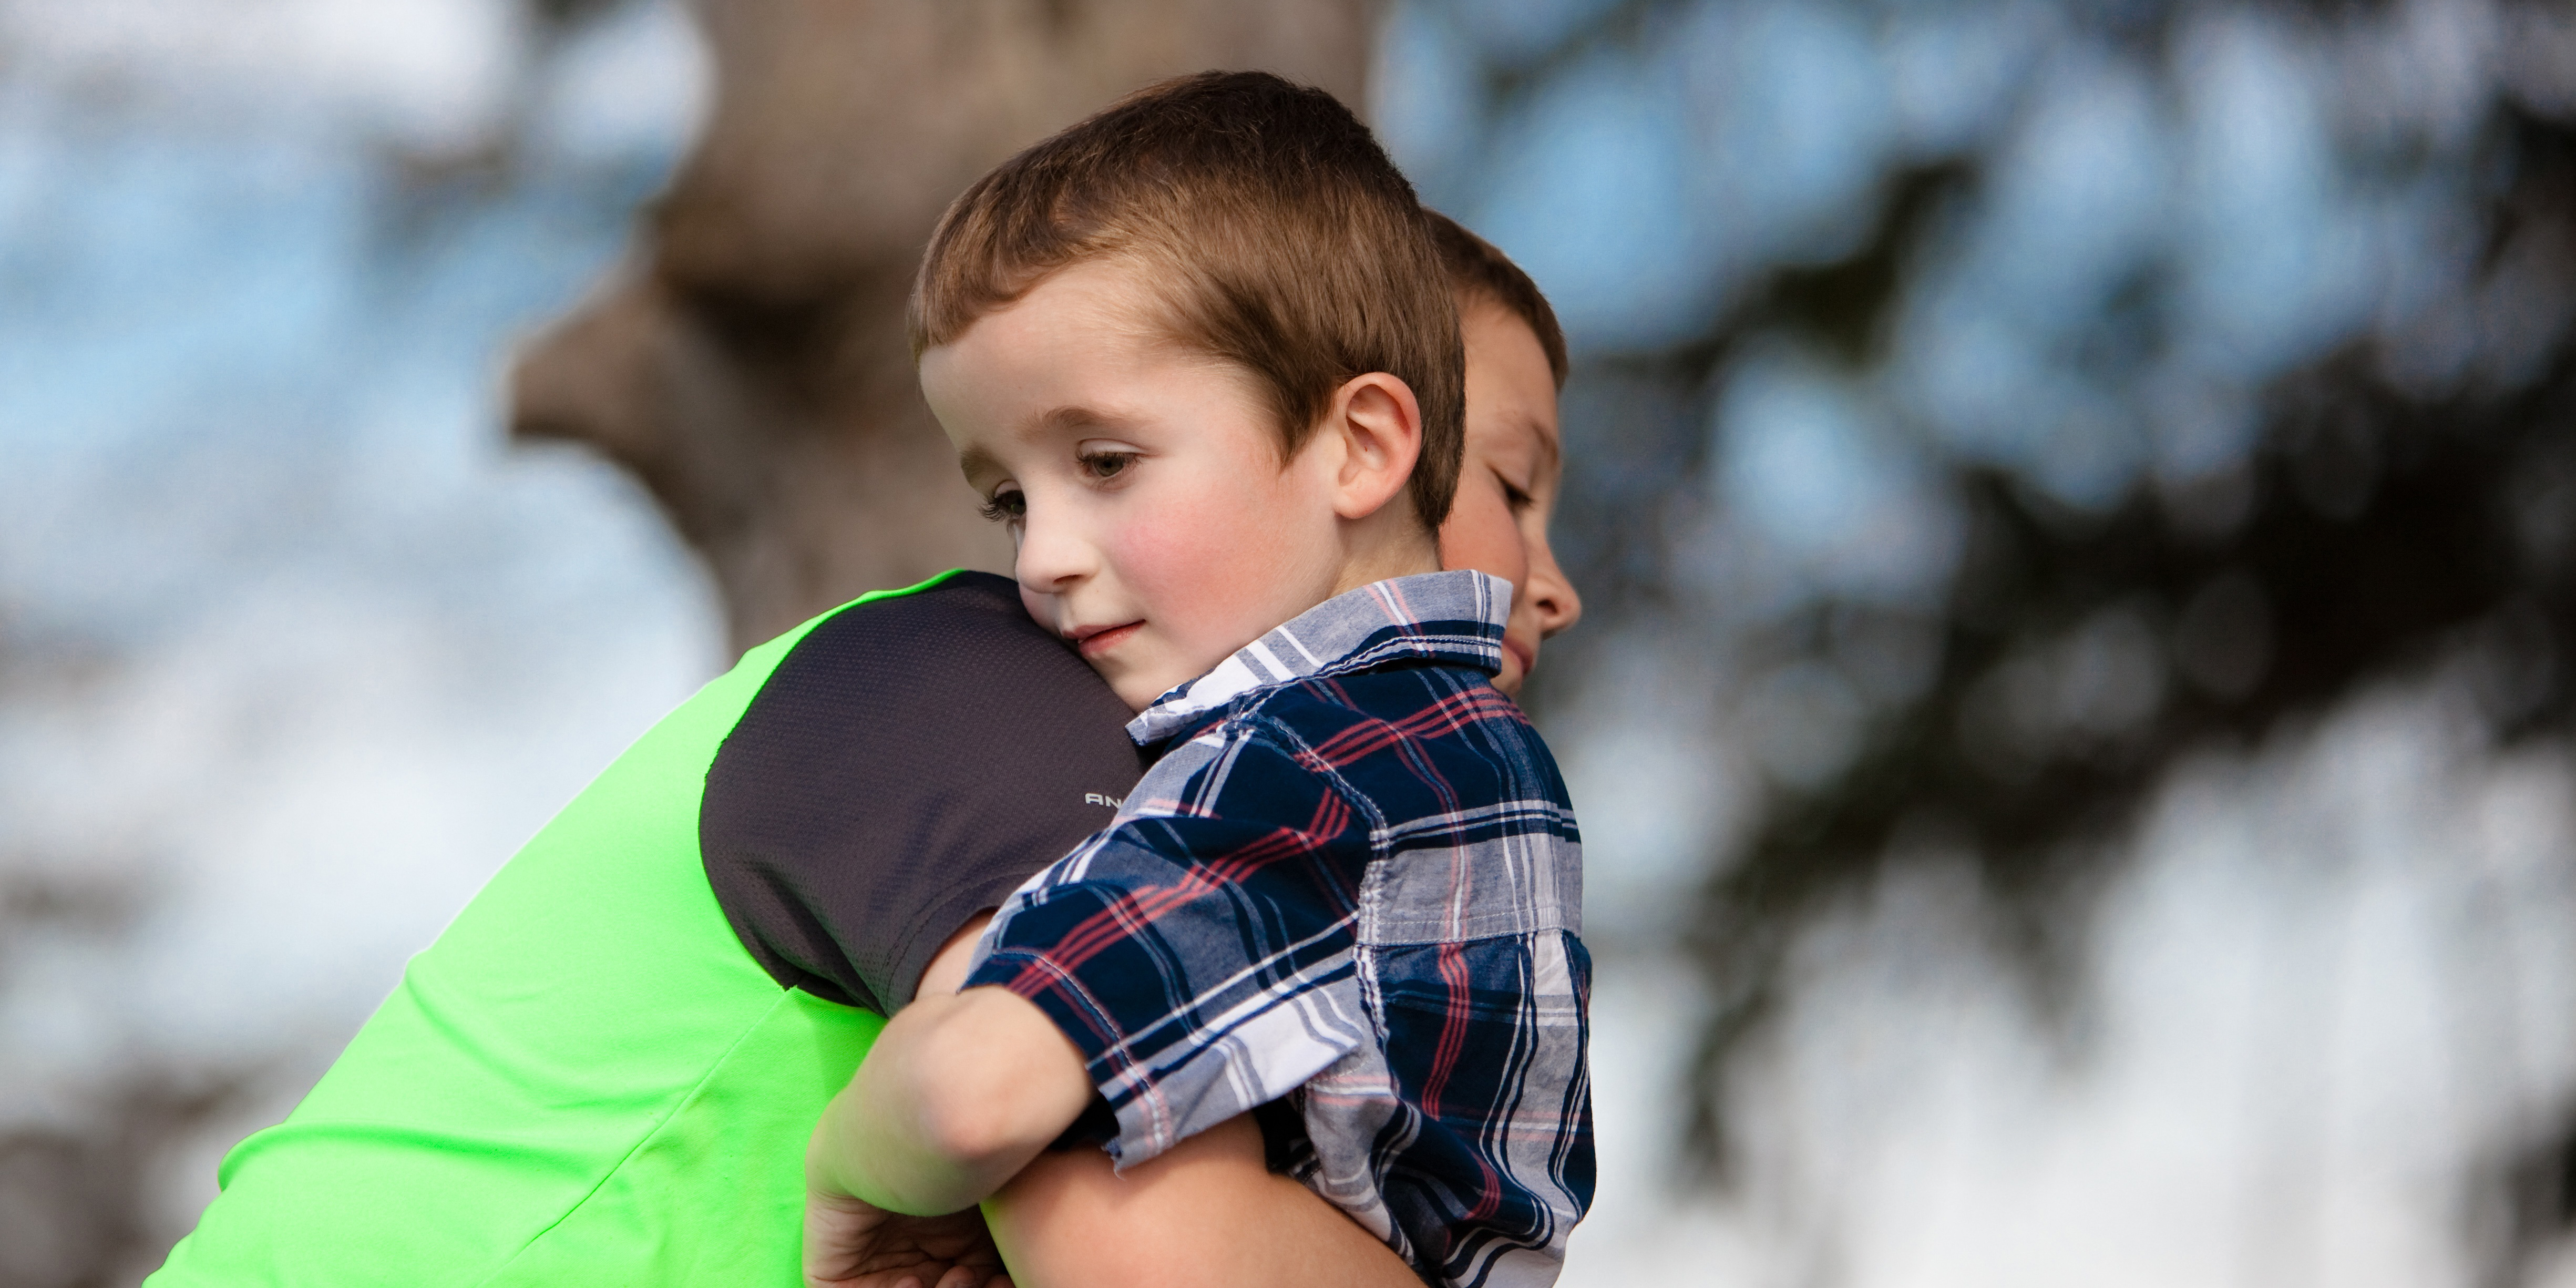 BROTHERS; BROTHERHOOD; HUG; LOVE